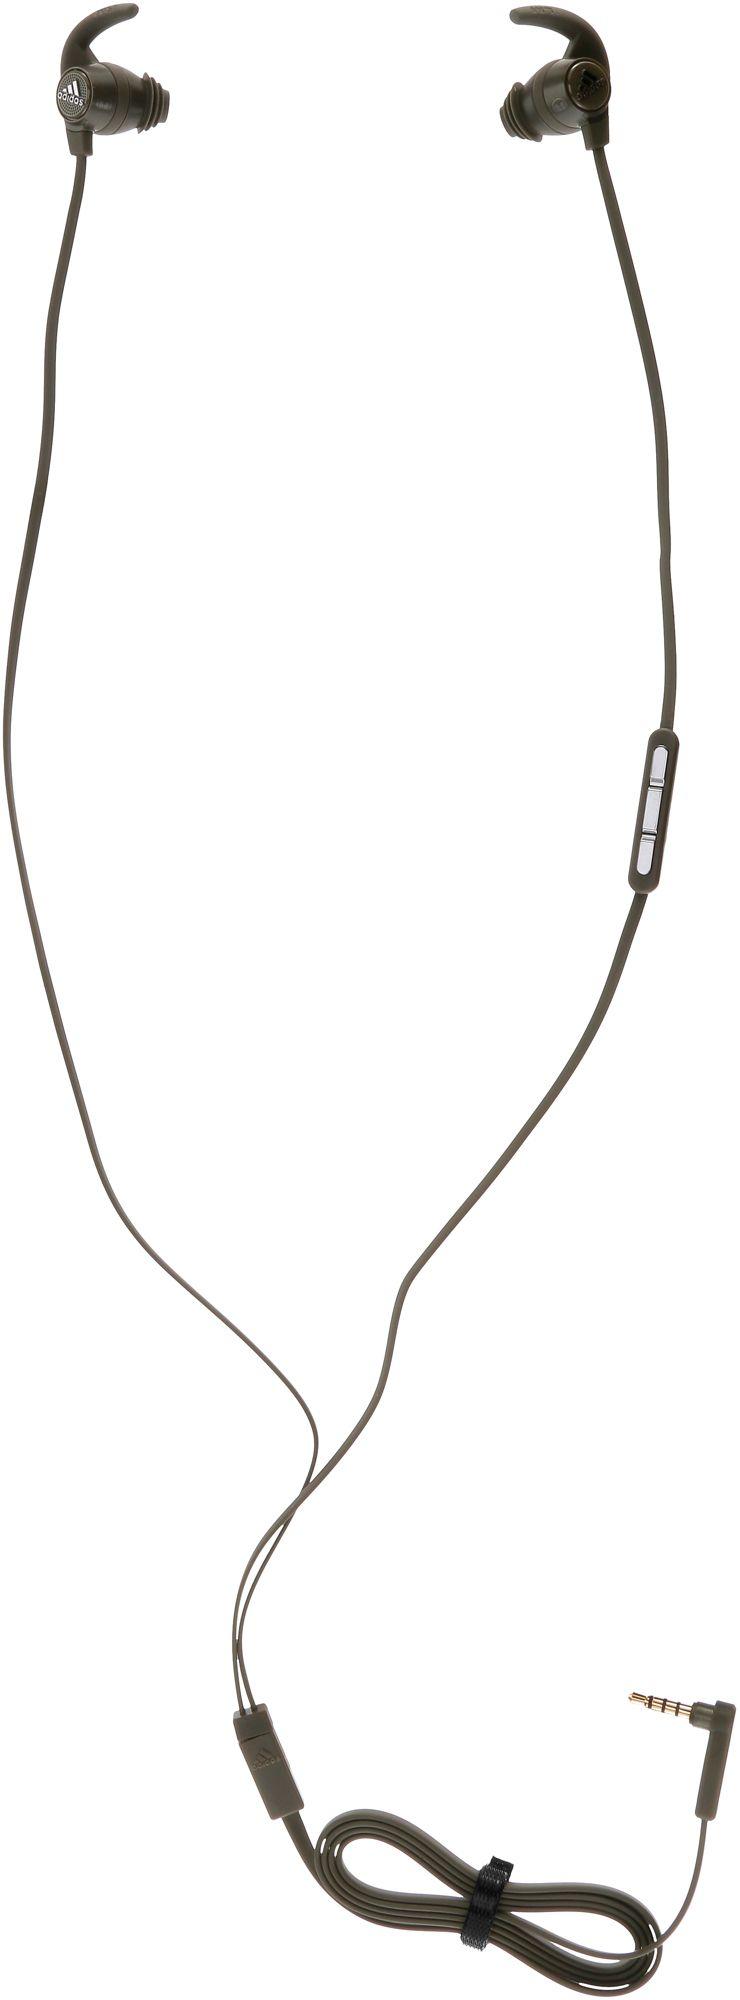 Vorschaubild von adidas Response InEar Kopfhörer